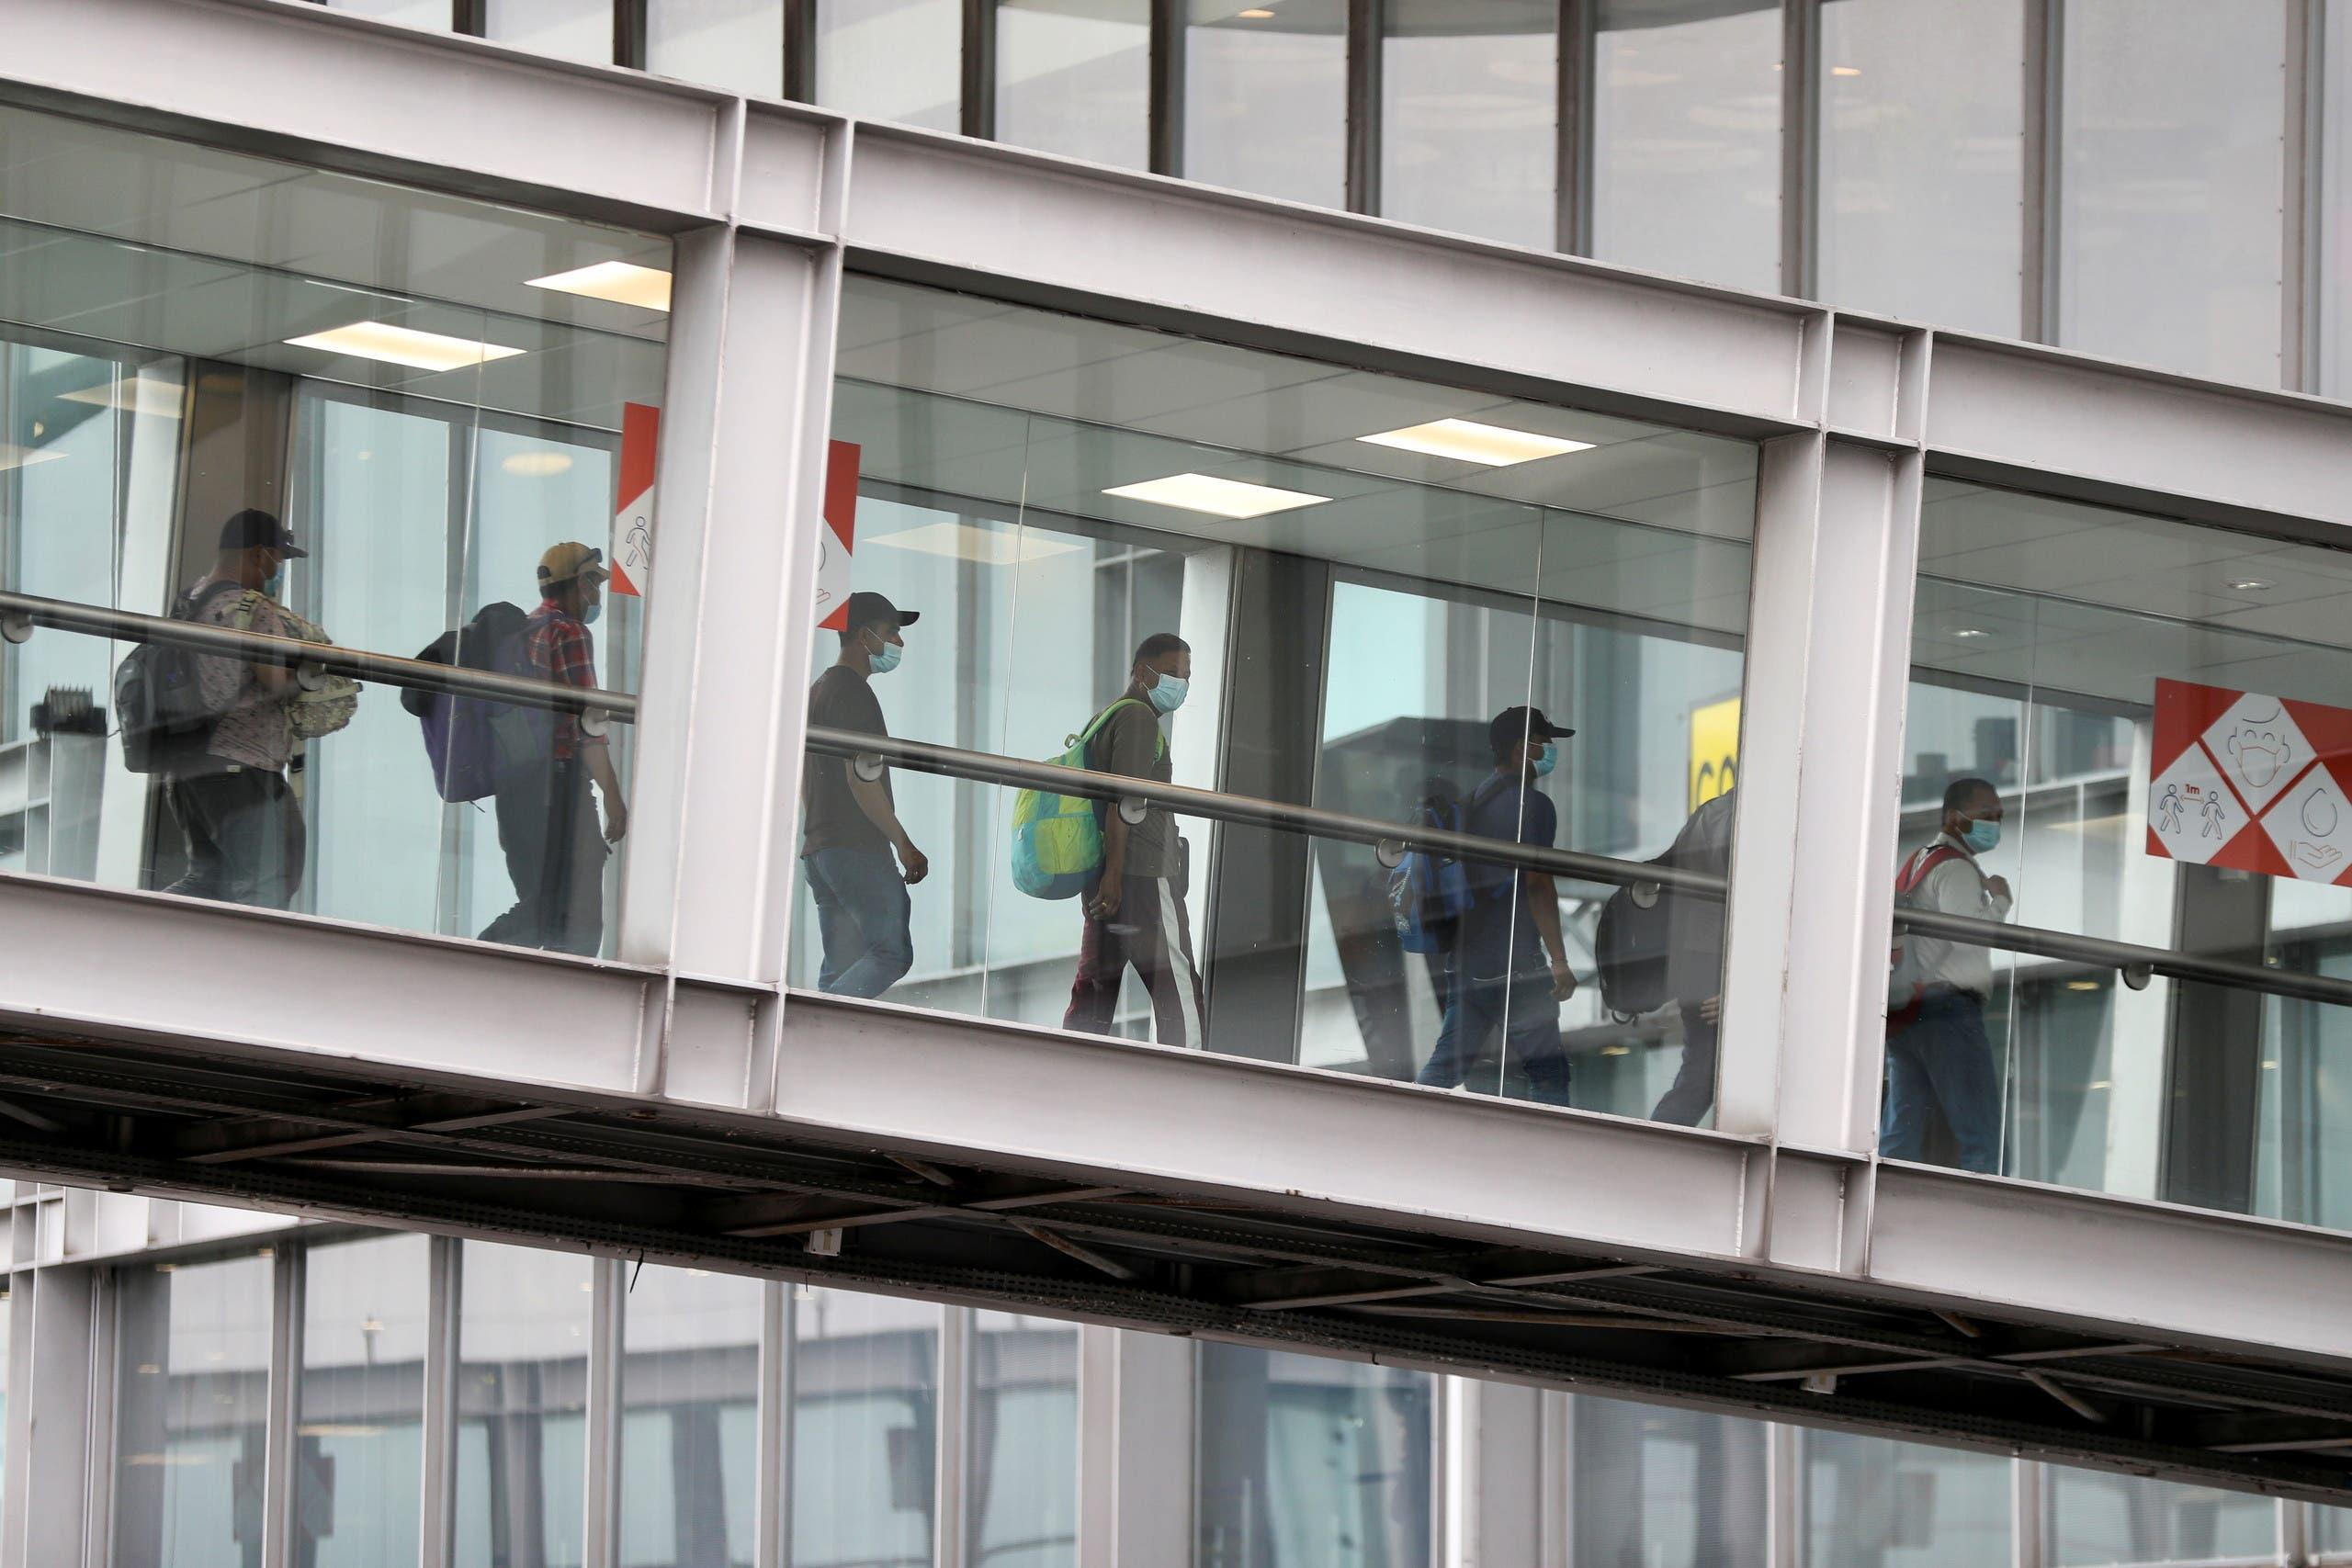 أشخاص تم إجلاؤهم من كابل يصلون مطار باريس